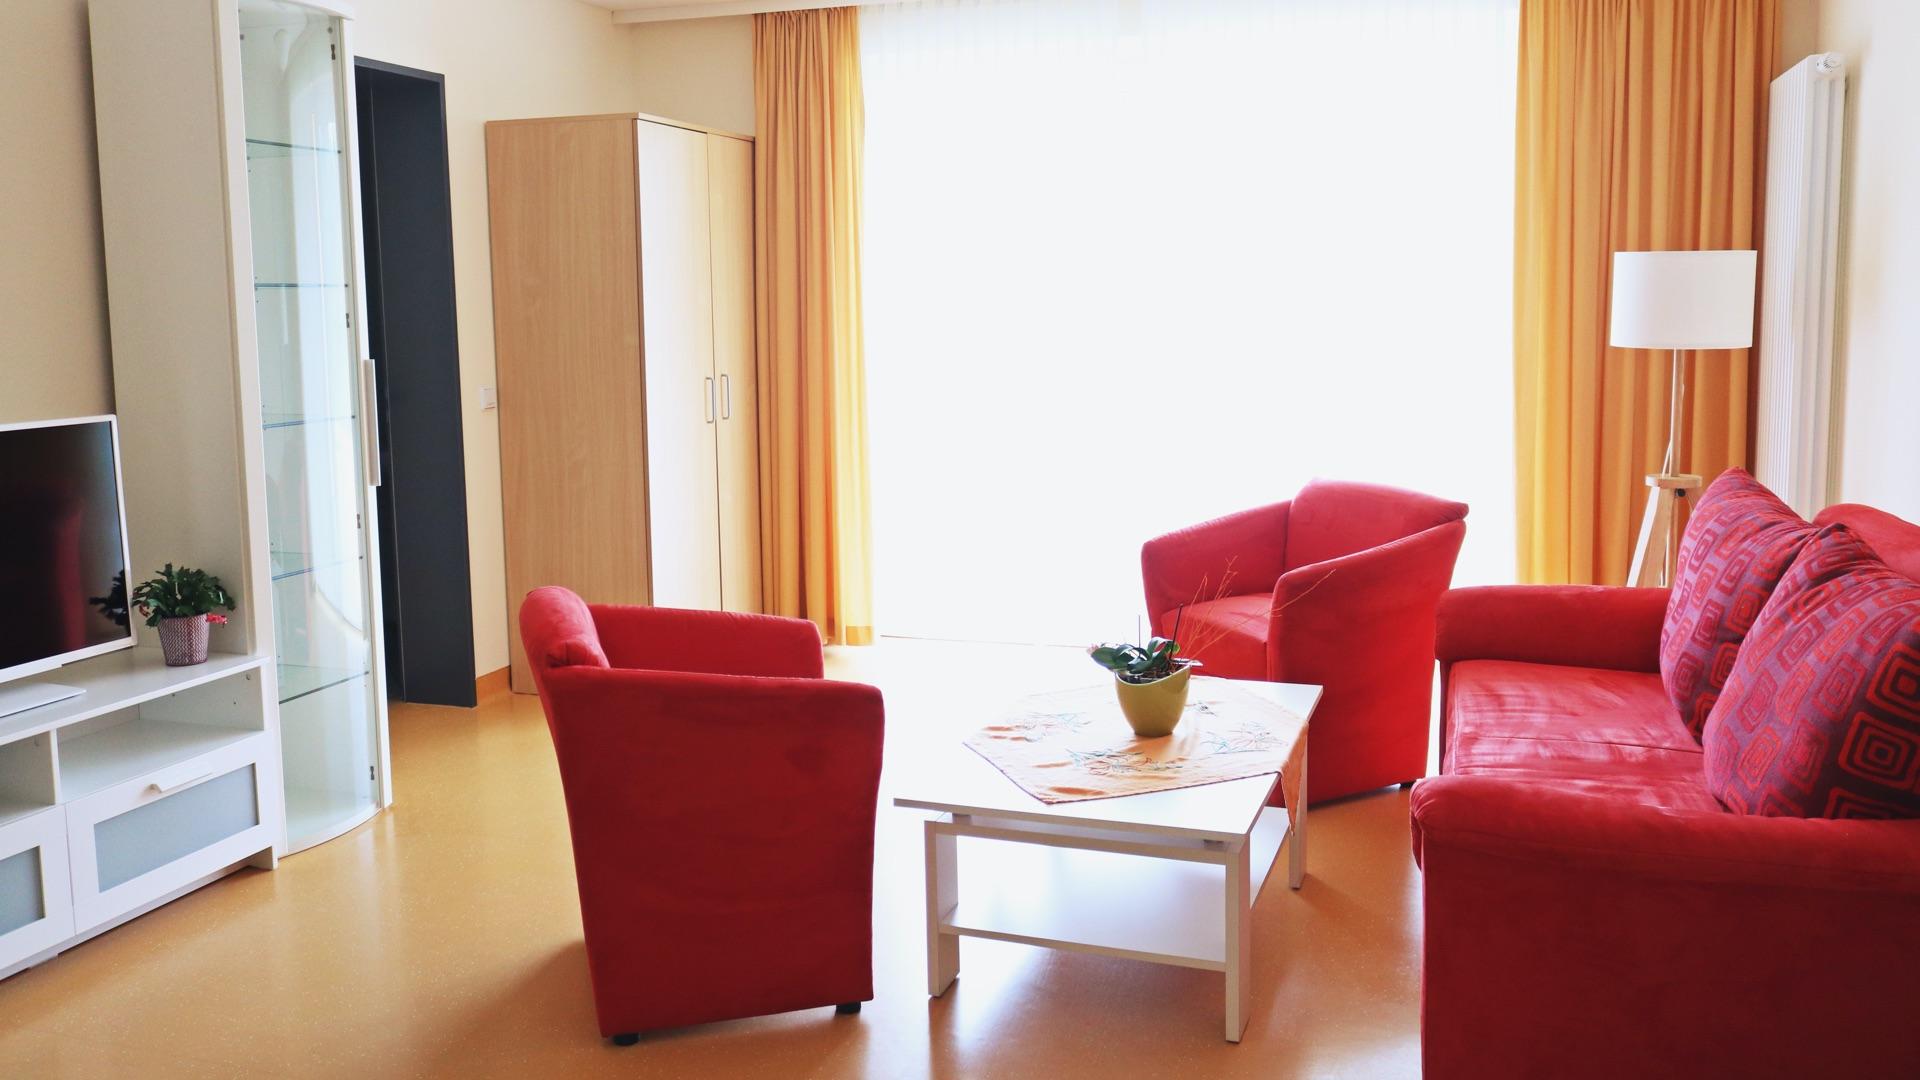 Besucherzimmer im Hospiz Haus Geborgenheit Neustadt im Harz